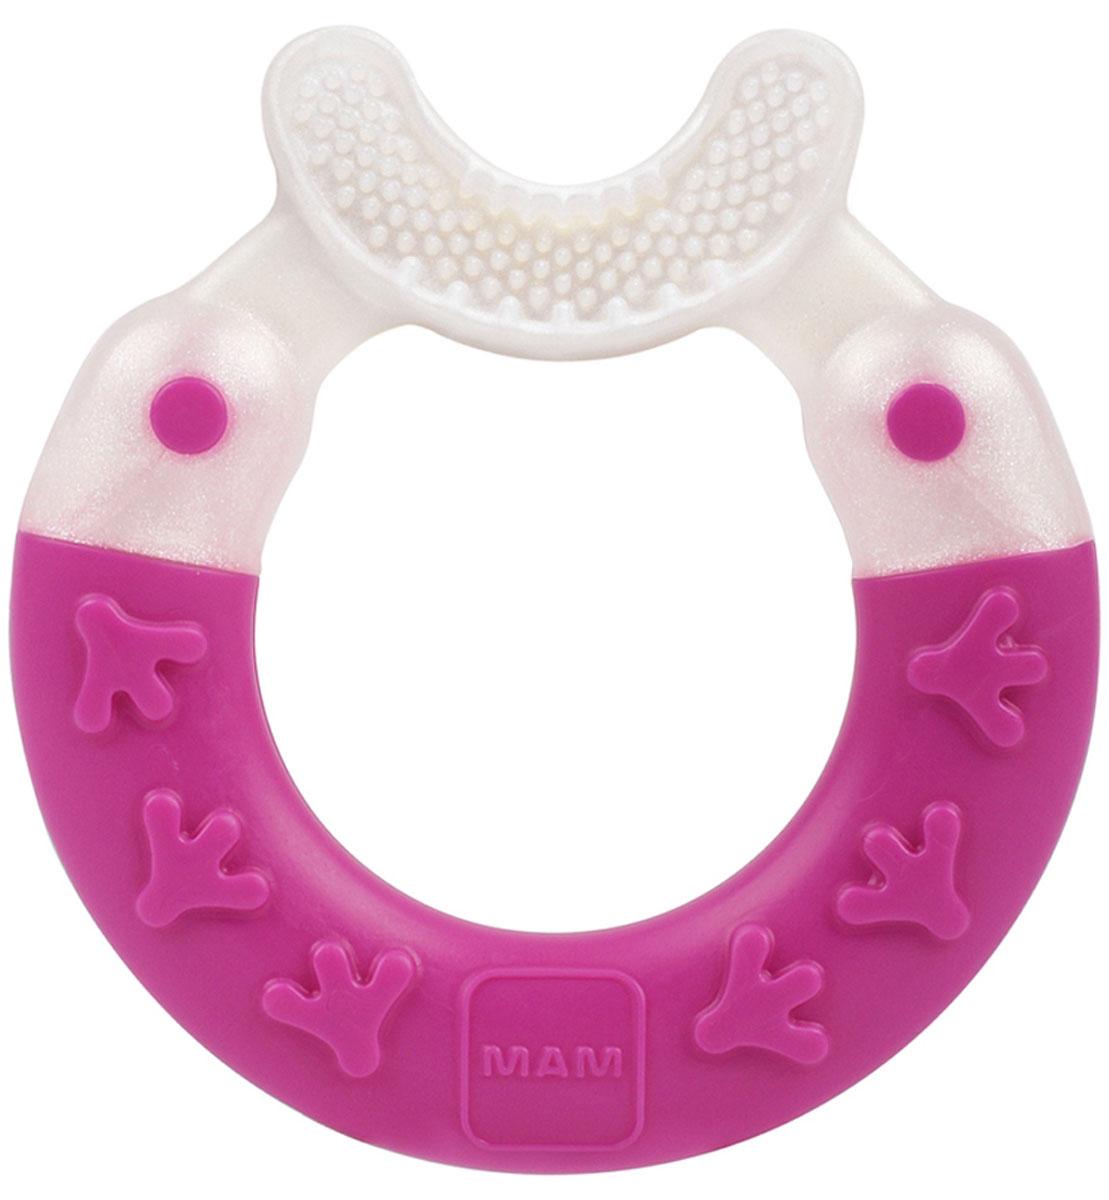 МАМ Прорезыватель Bite & Brush teether цвет бело-розовый